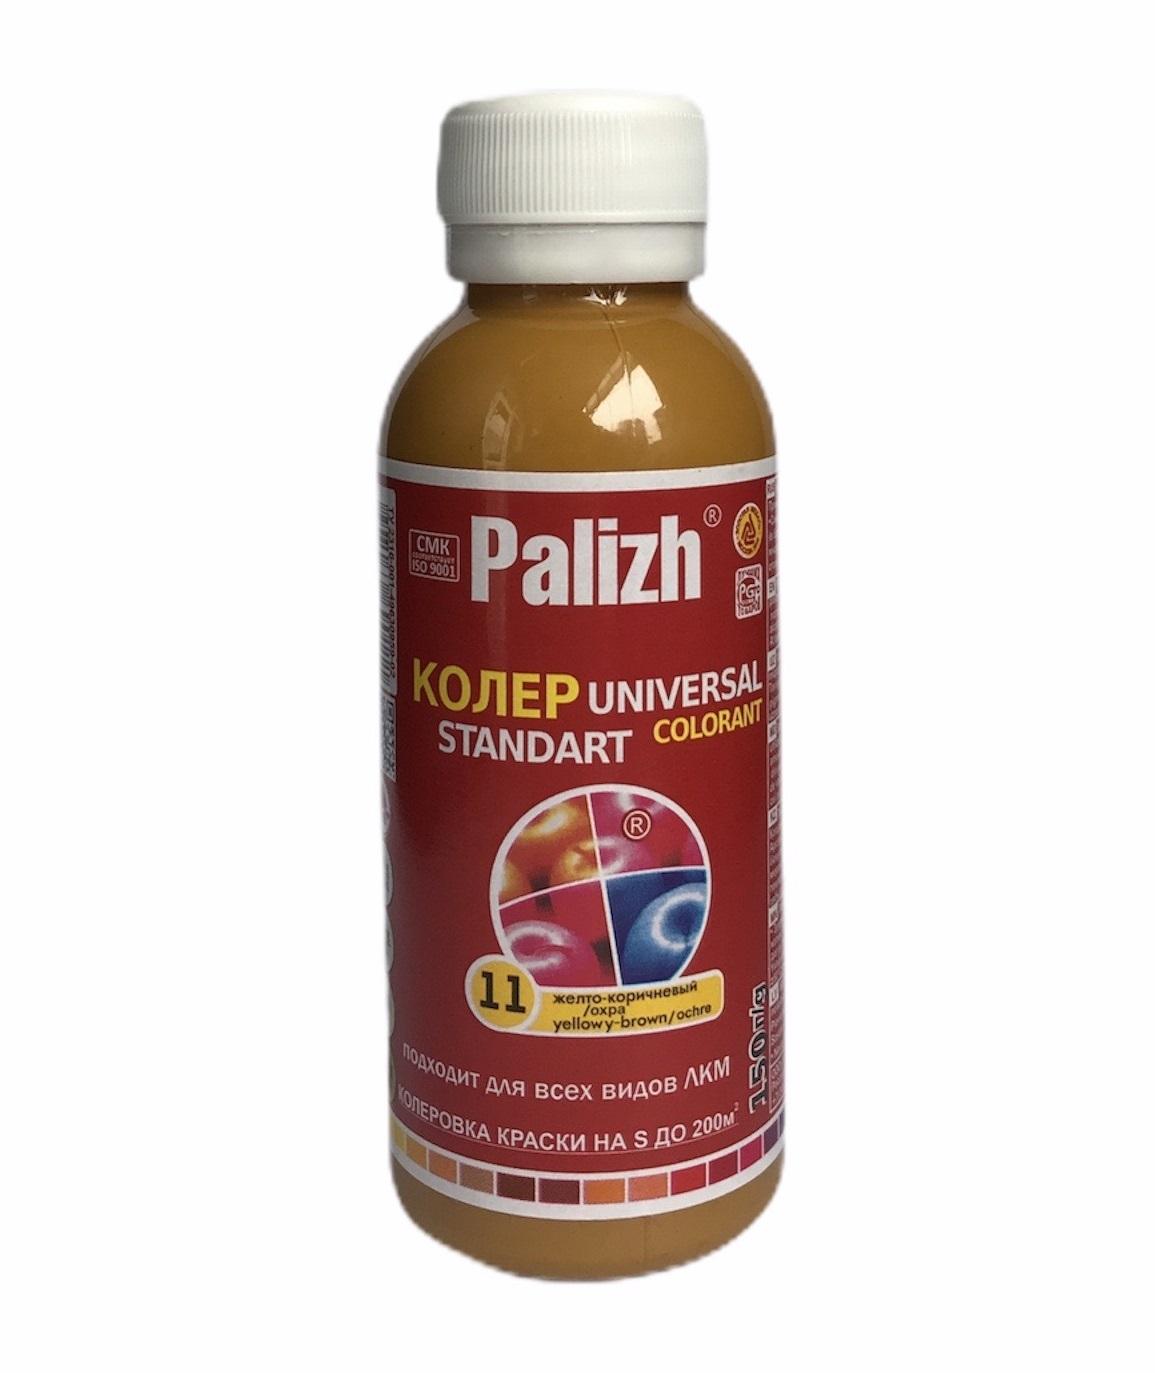 Колер универсальный Palizh №11 желто-корич. 100мл - фото